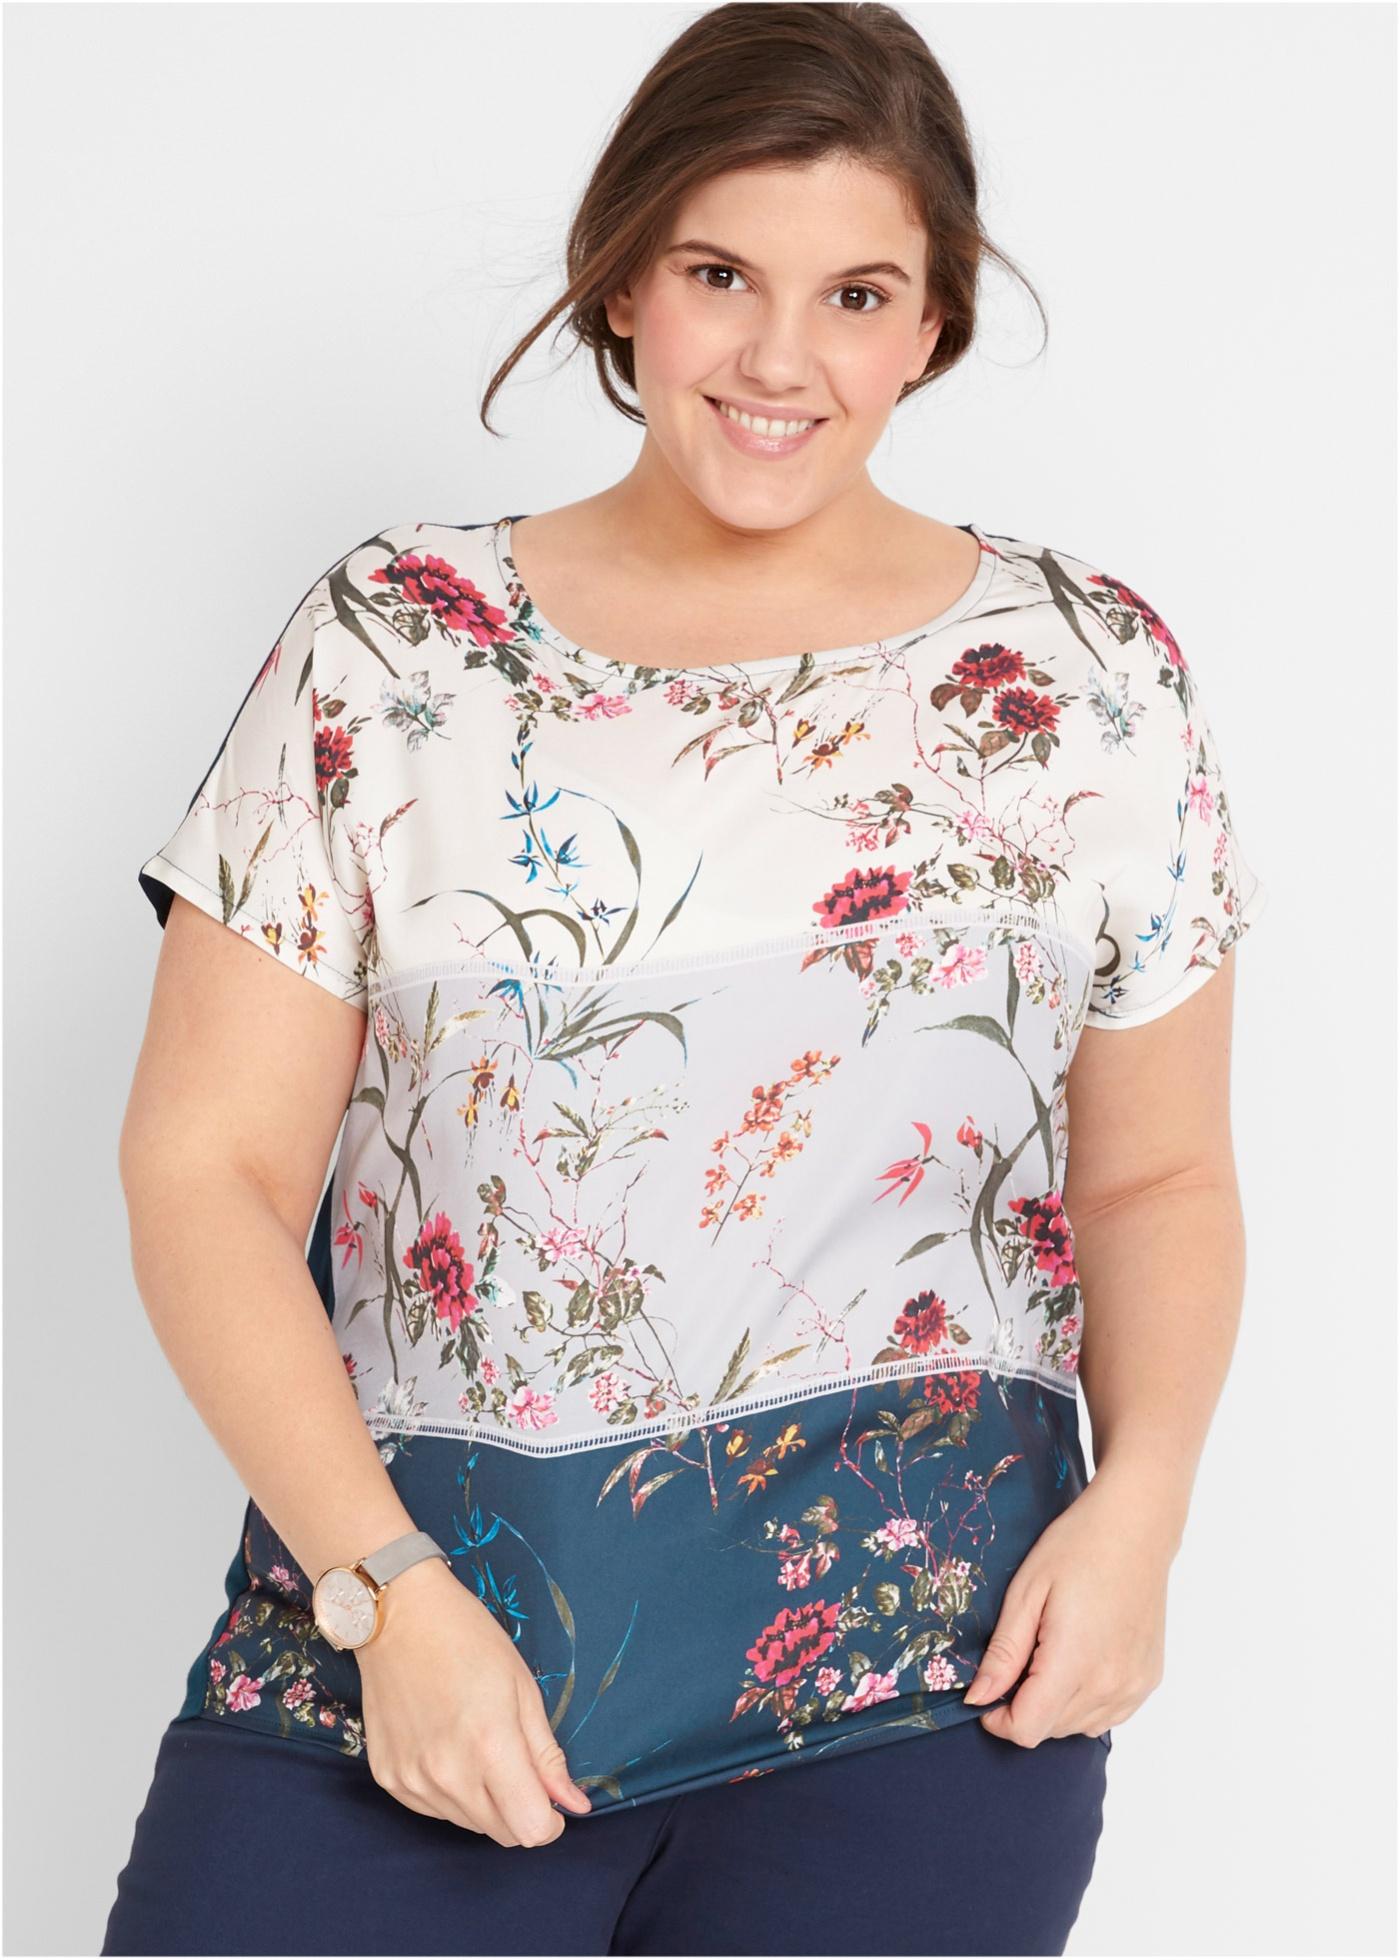 Tričko s květinovým potiskem a netopýřími rukávy - Bílá